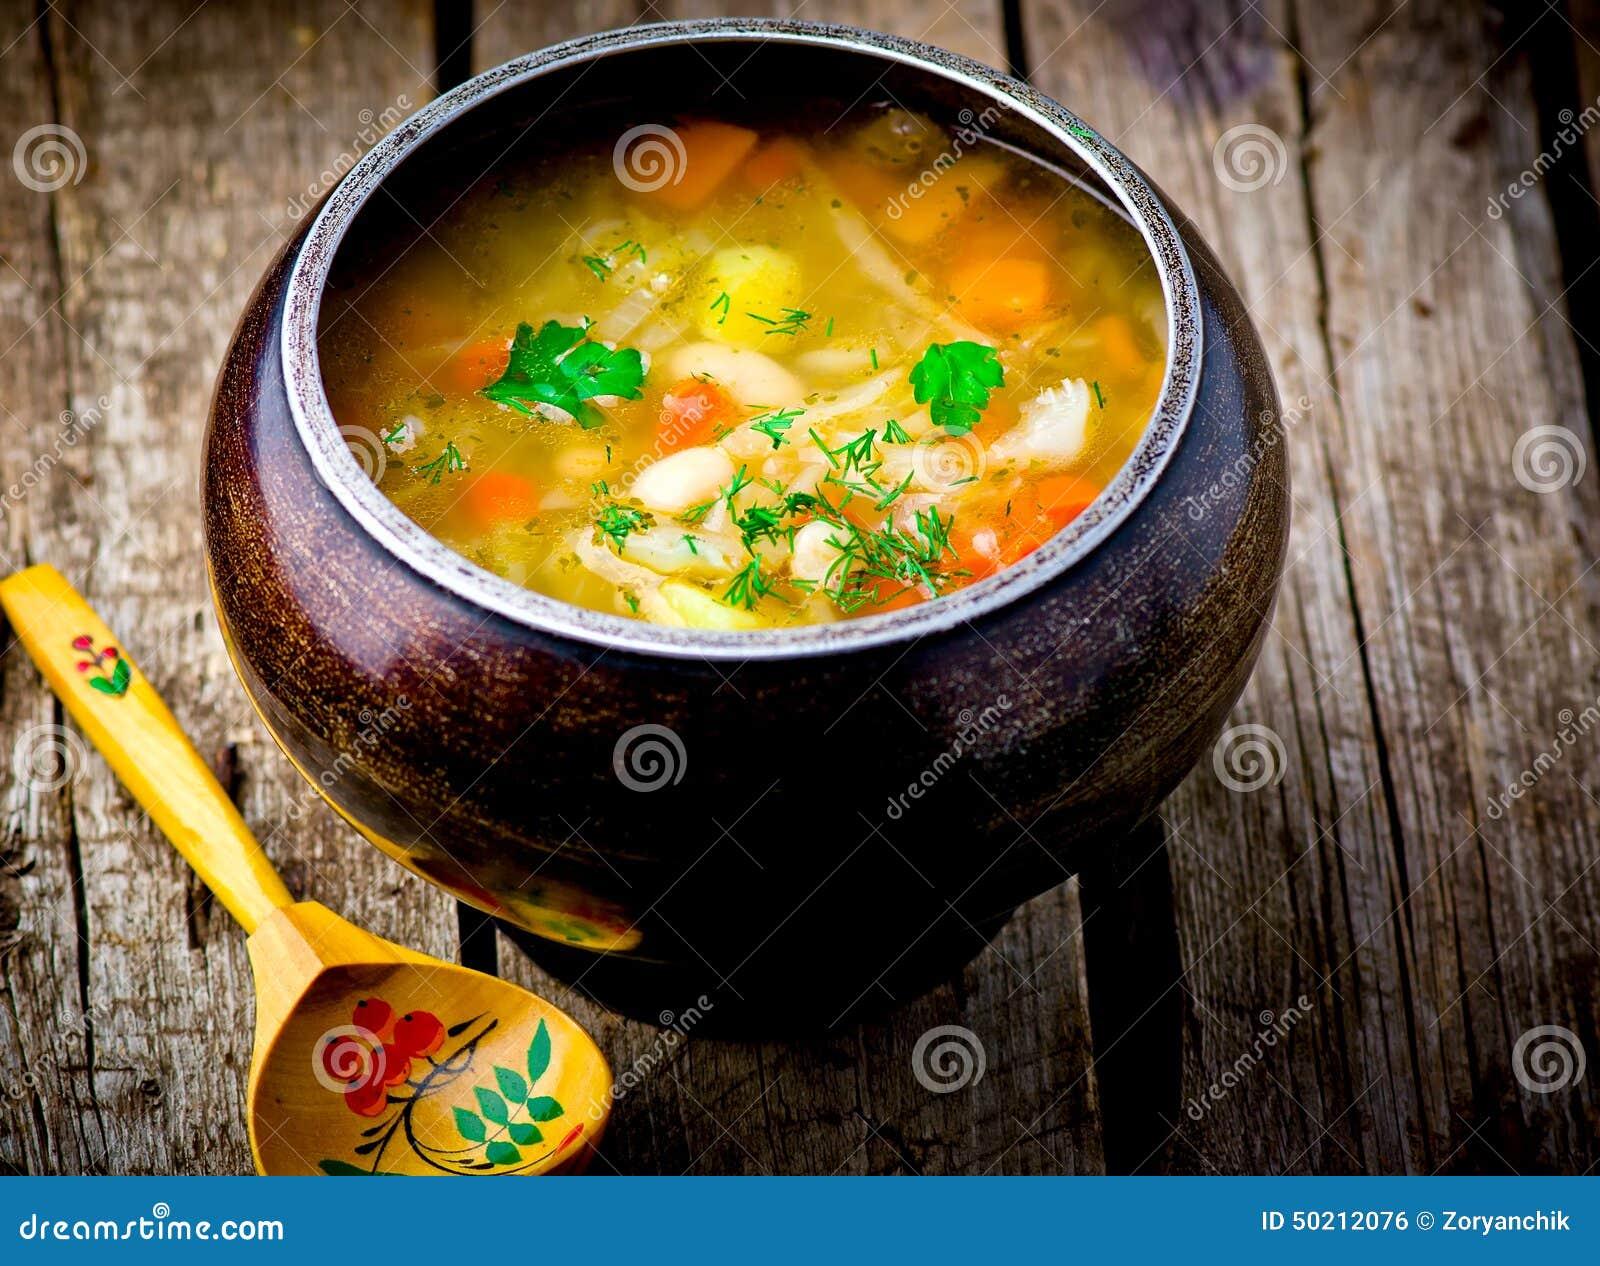 Крестьянский суп рецепт с пошаговым фото